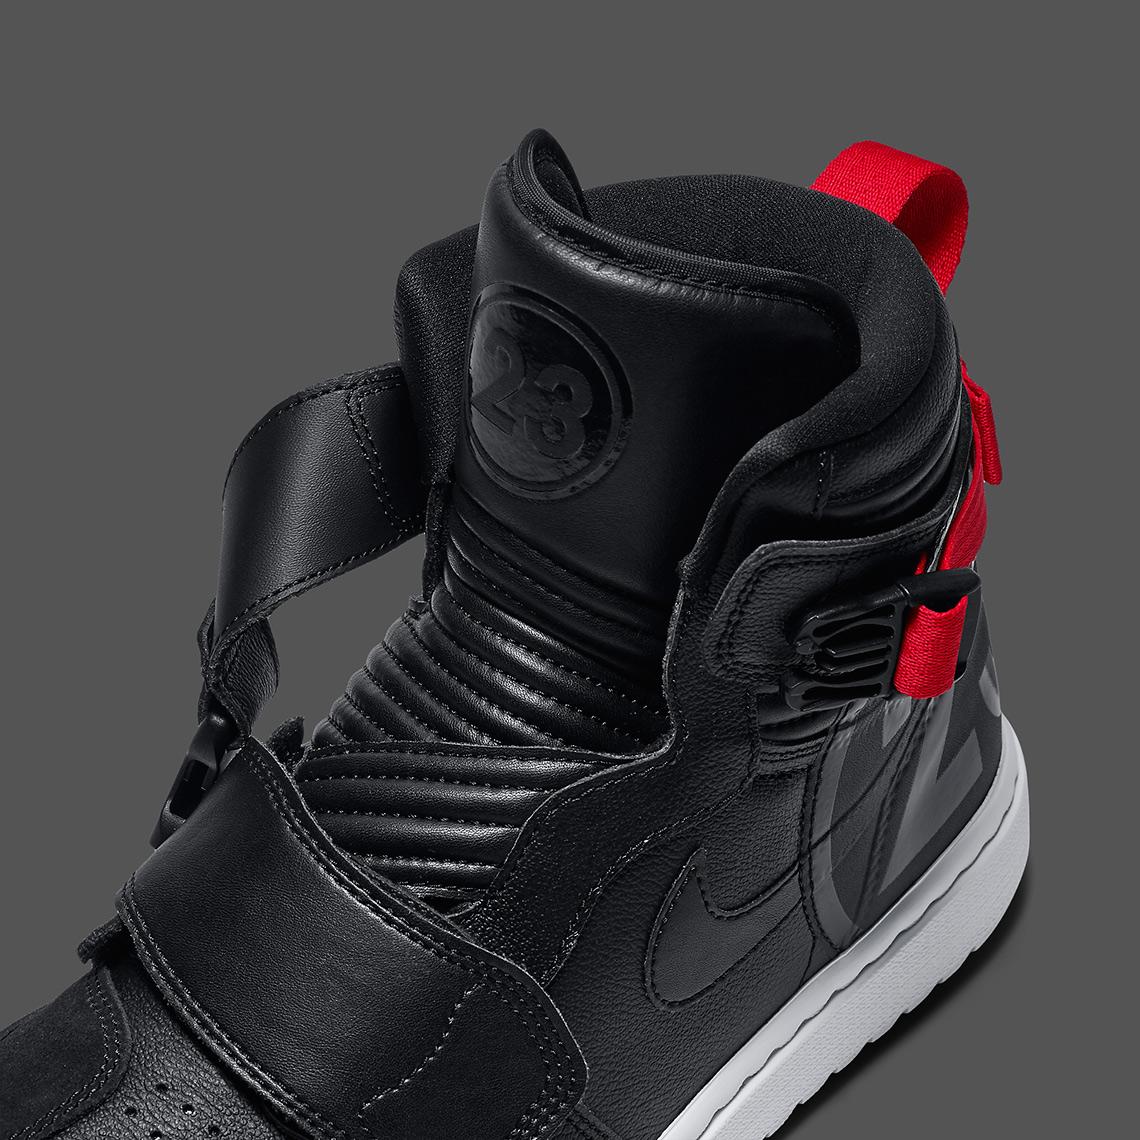 Air Jordan 1 Moto Black Red AT3146-001